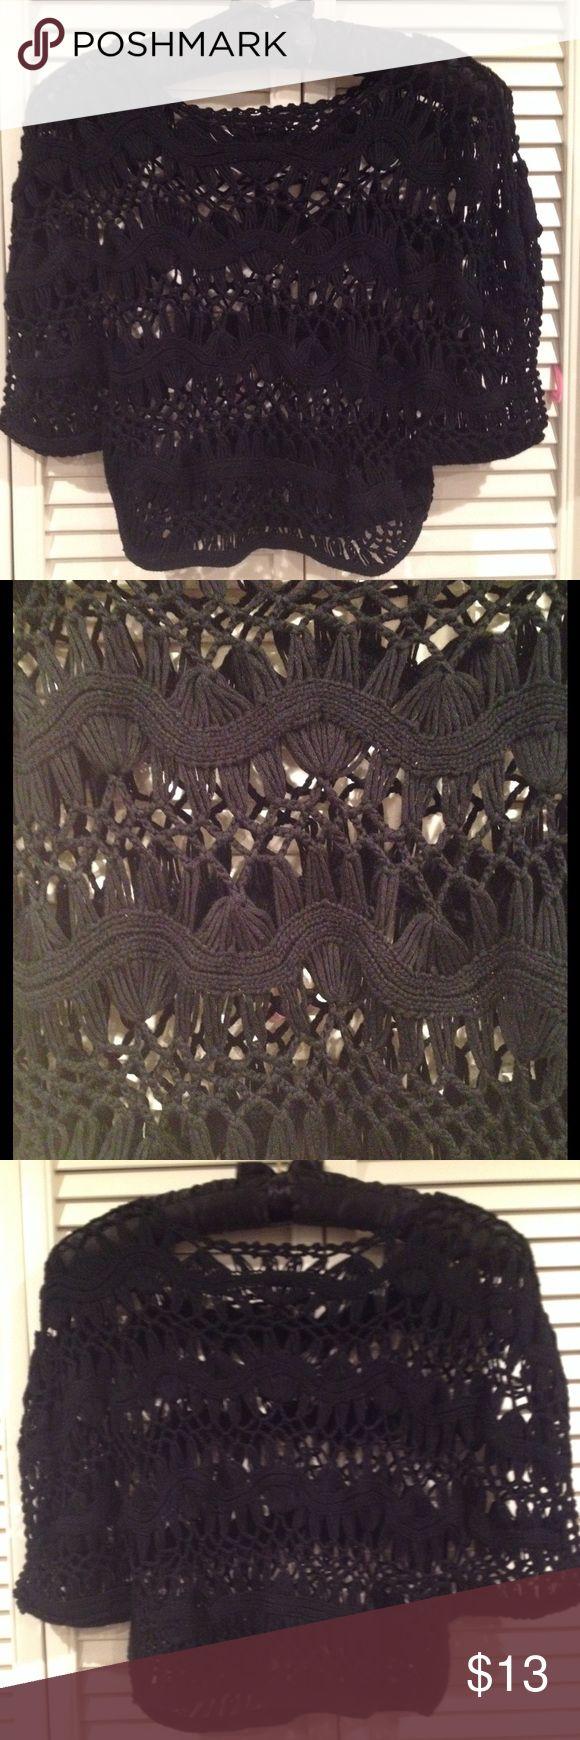 Black crochet top Black crochet top. Good shape. No major issues. Tops